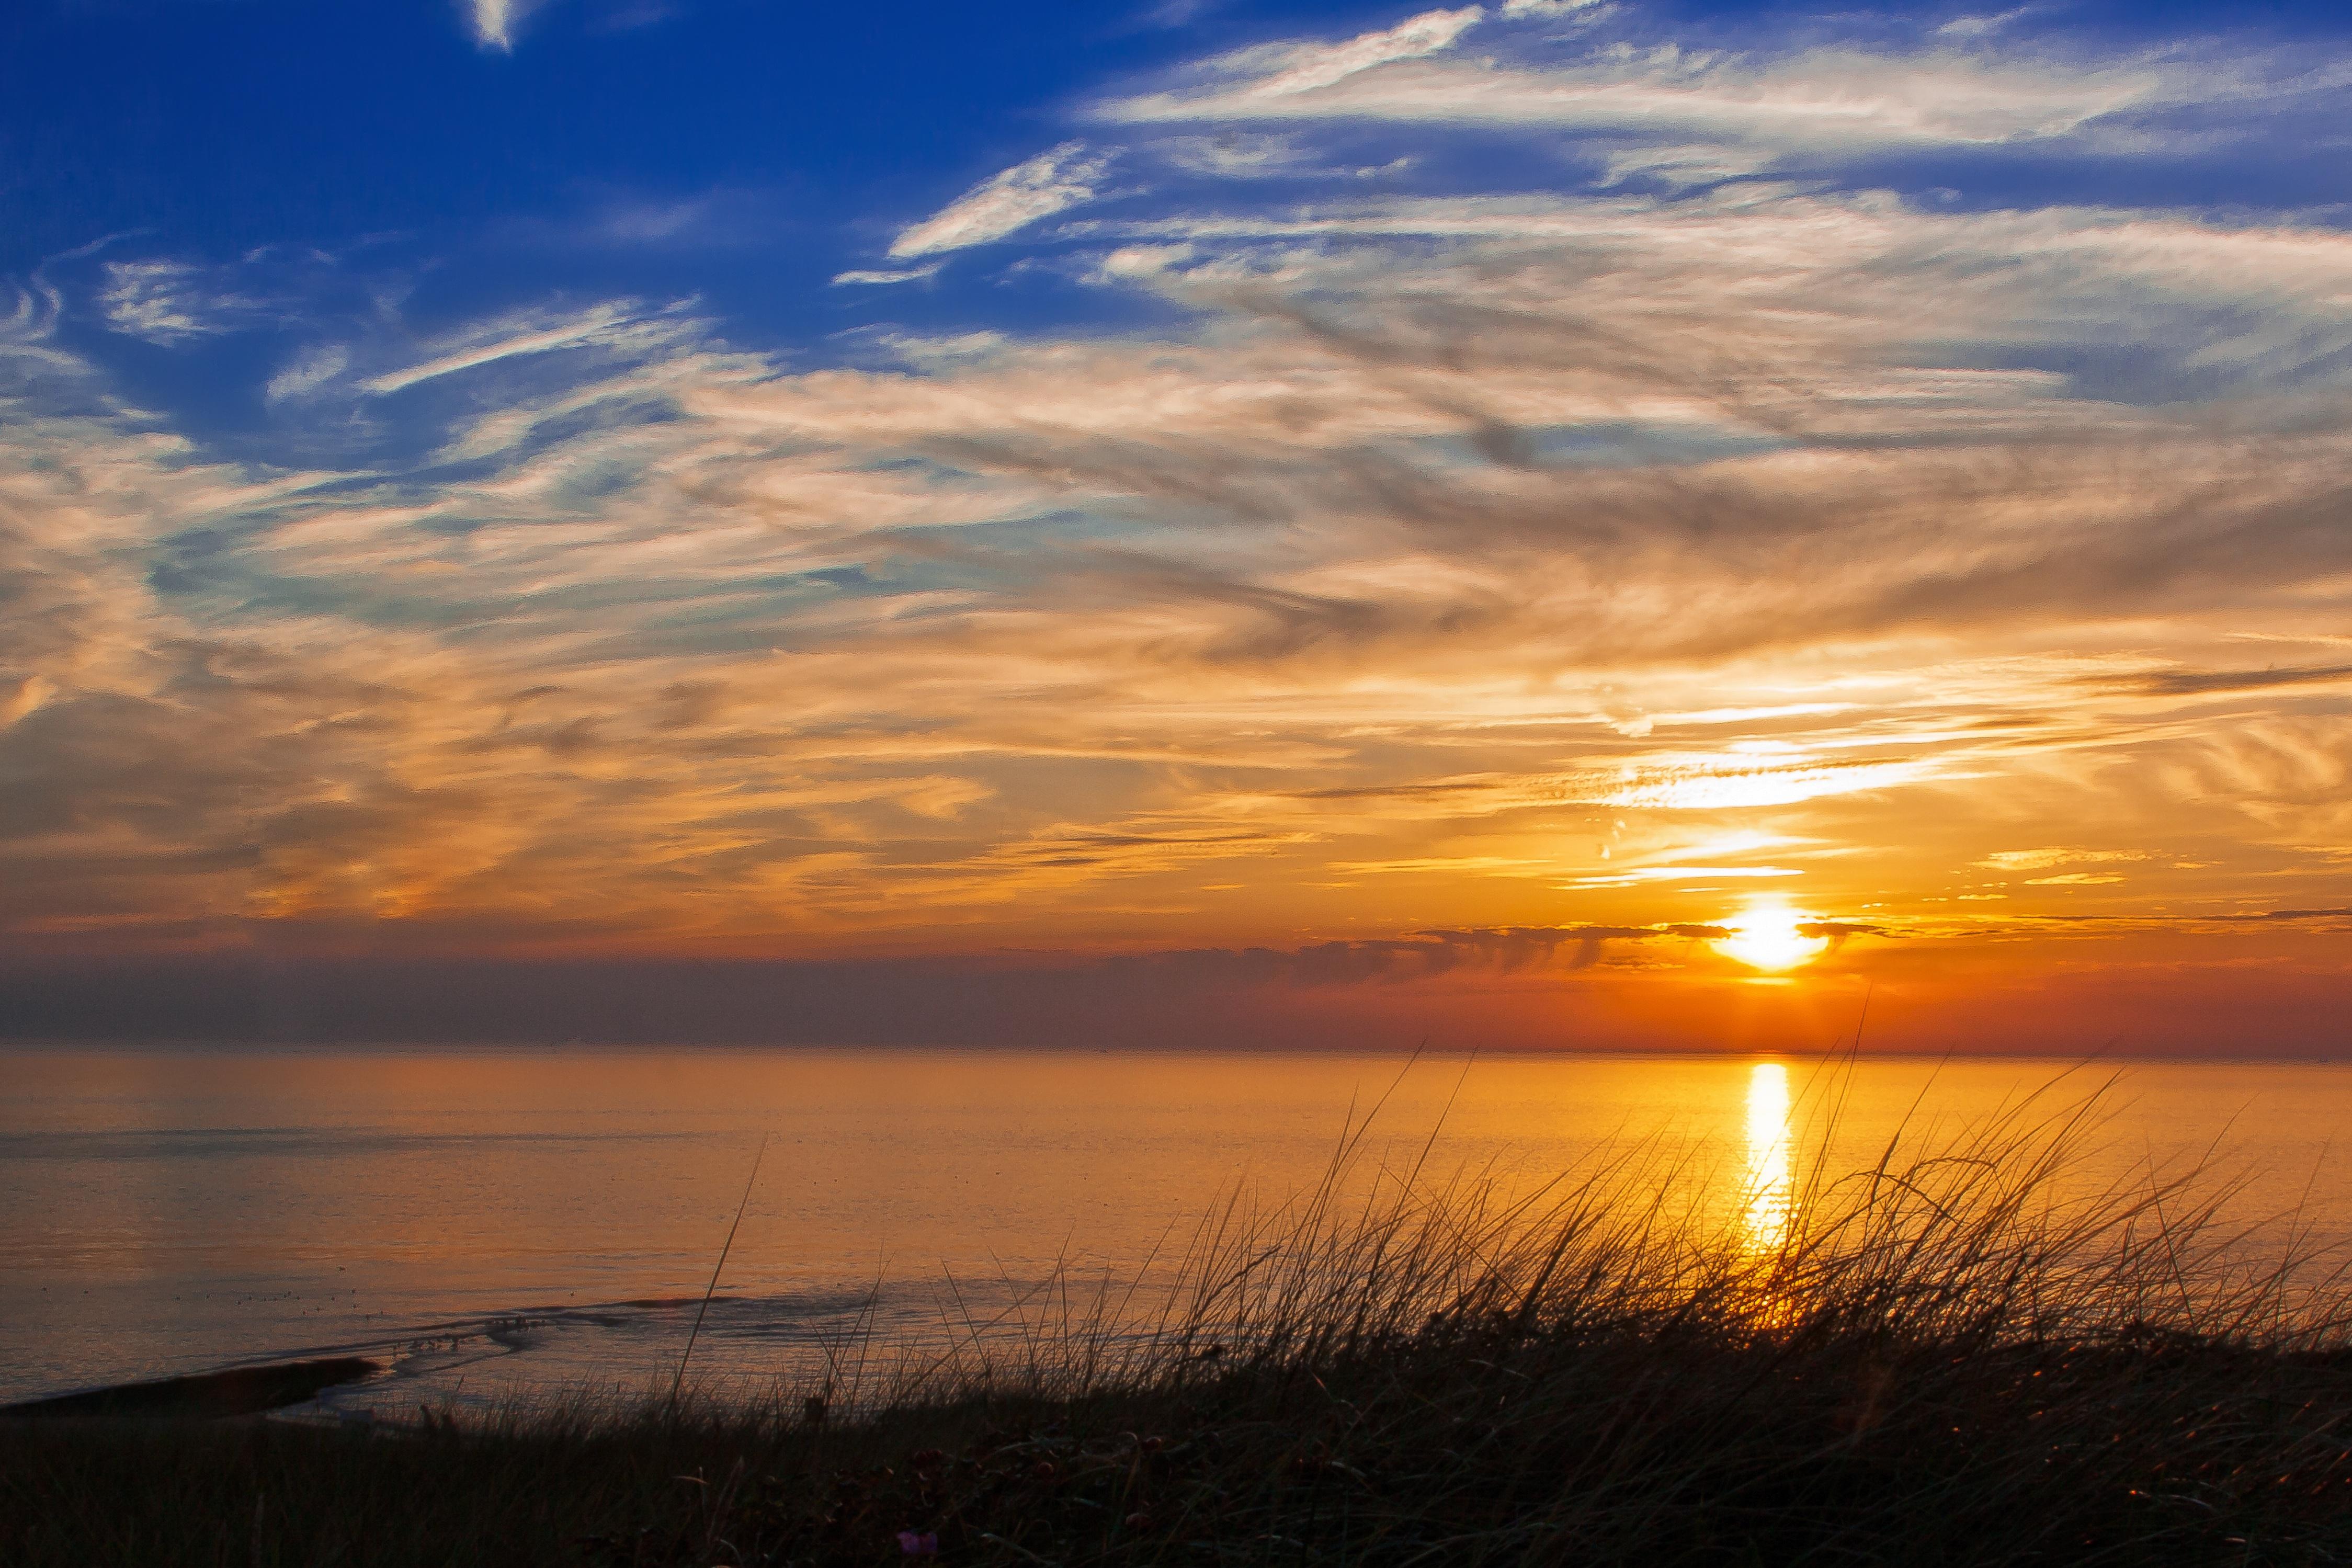 Strand nordsee sonnenuntergang  Kostenlose foto : Strand, Landschaft, Meer, Küste, Wasser, Ozean ...